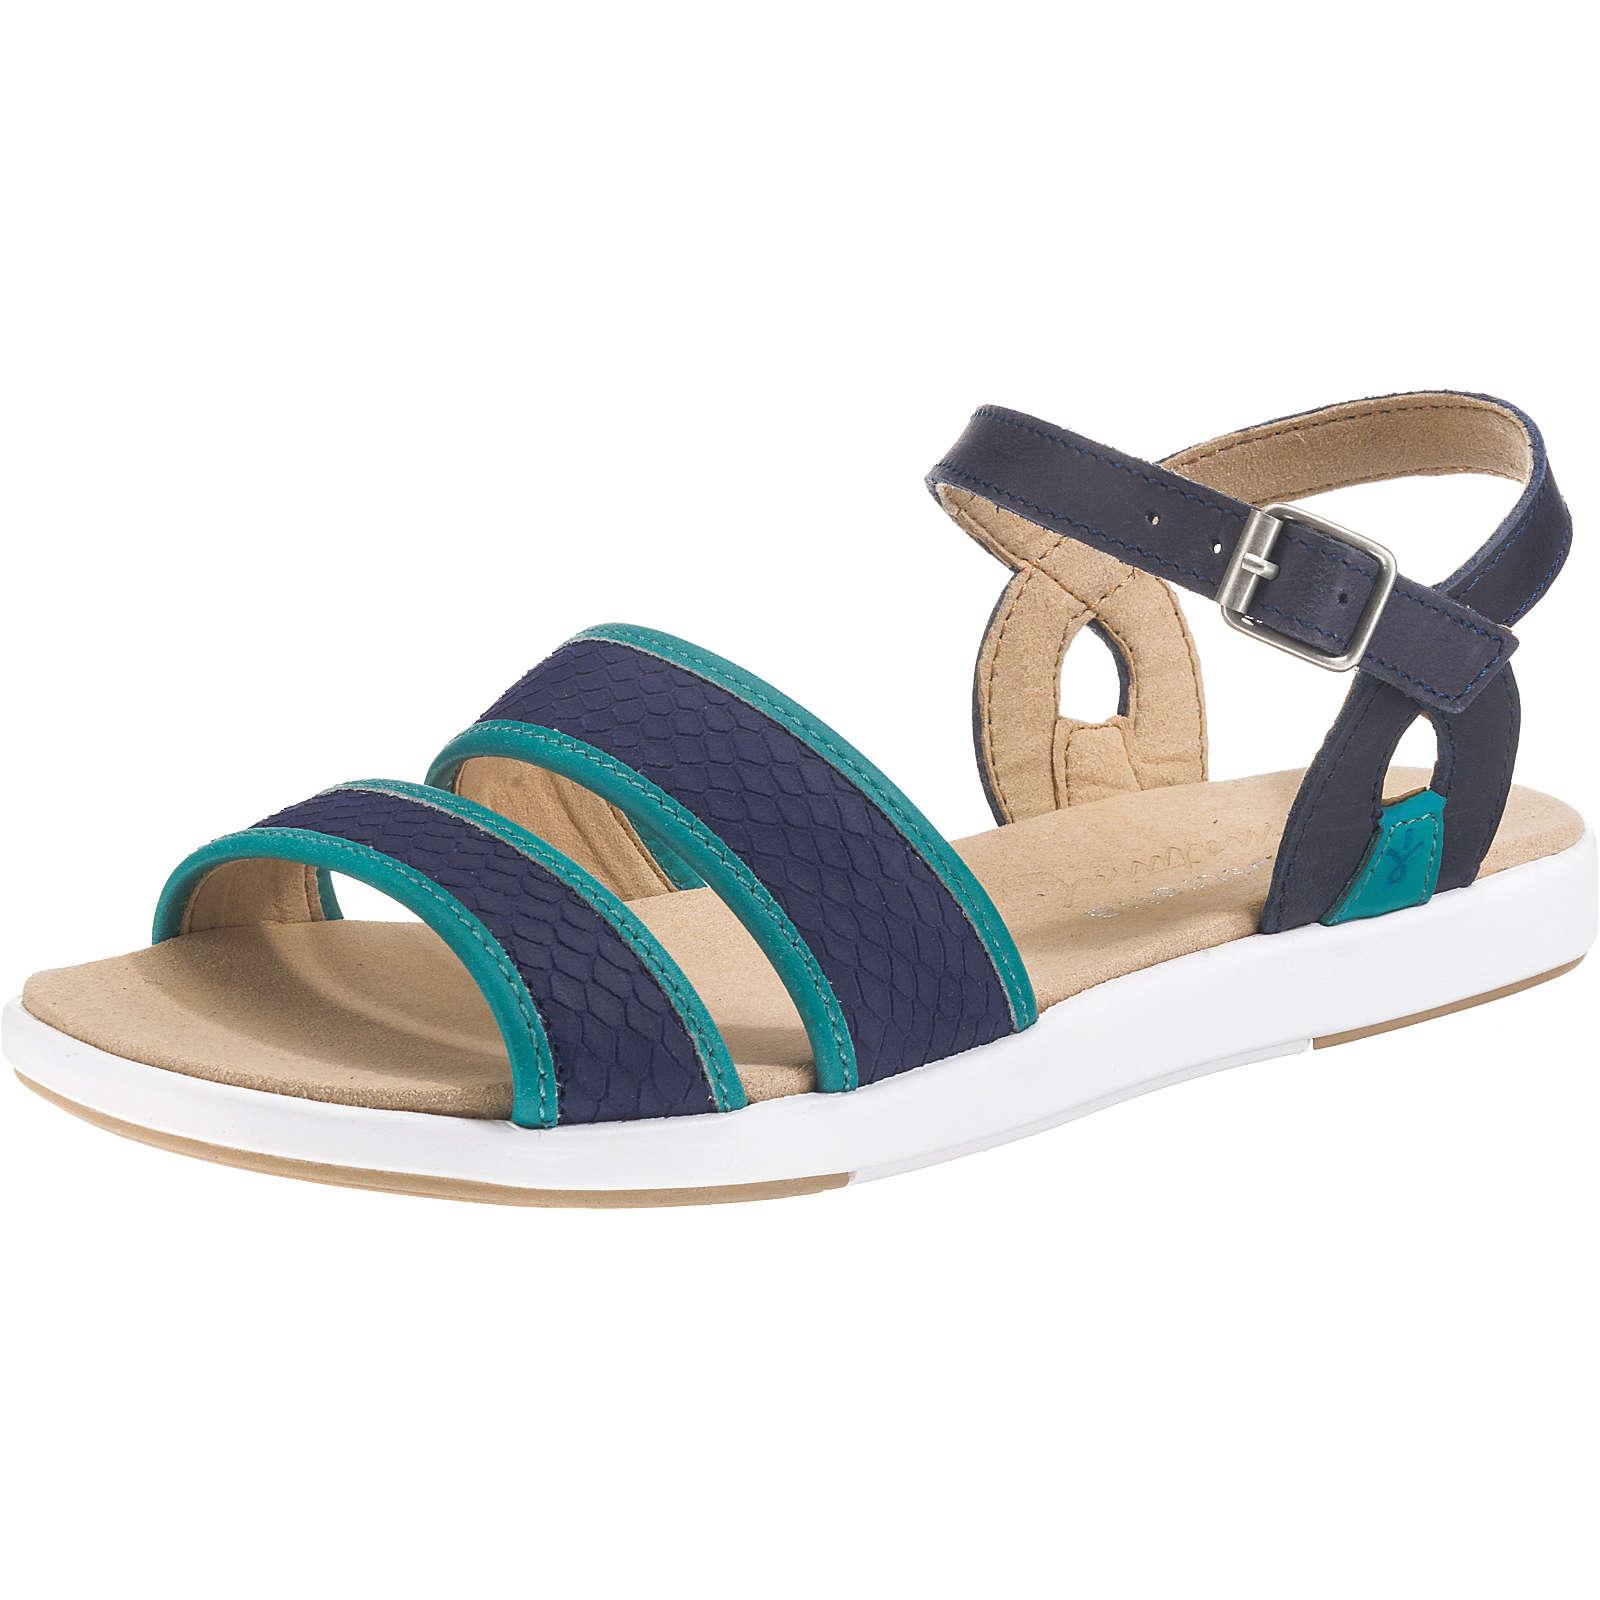 EMU Australia Coris Klassische Sandalen blau-kombi Damen Gr. 42 jetztbilligerkaufen